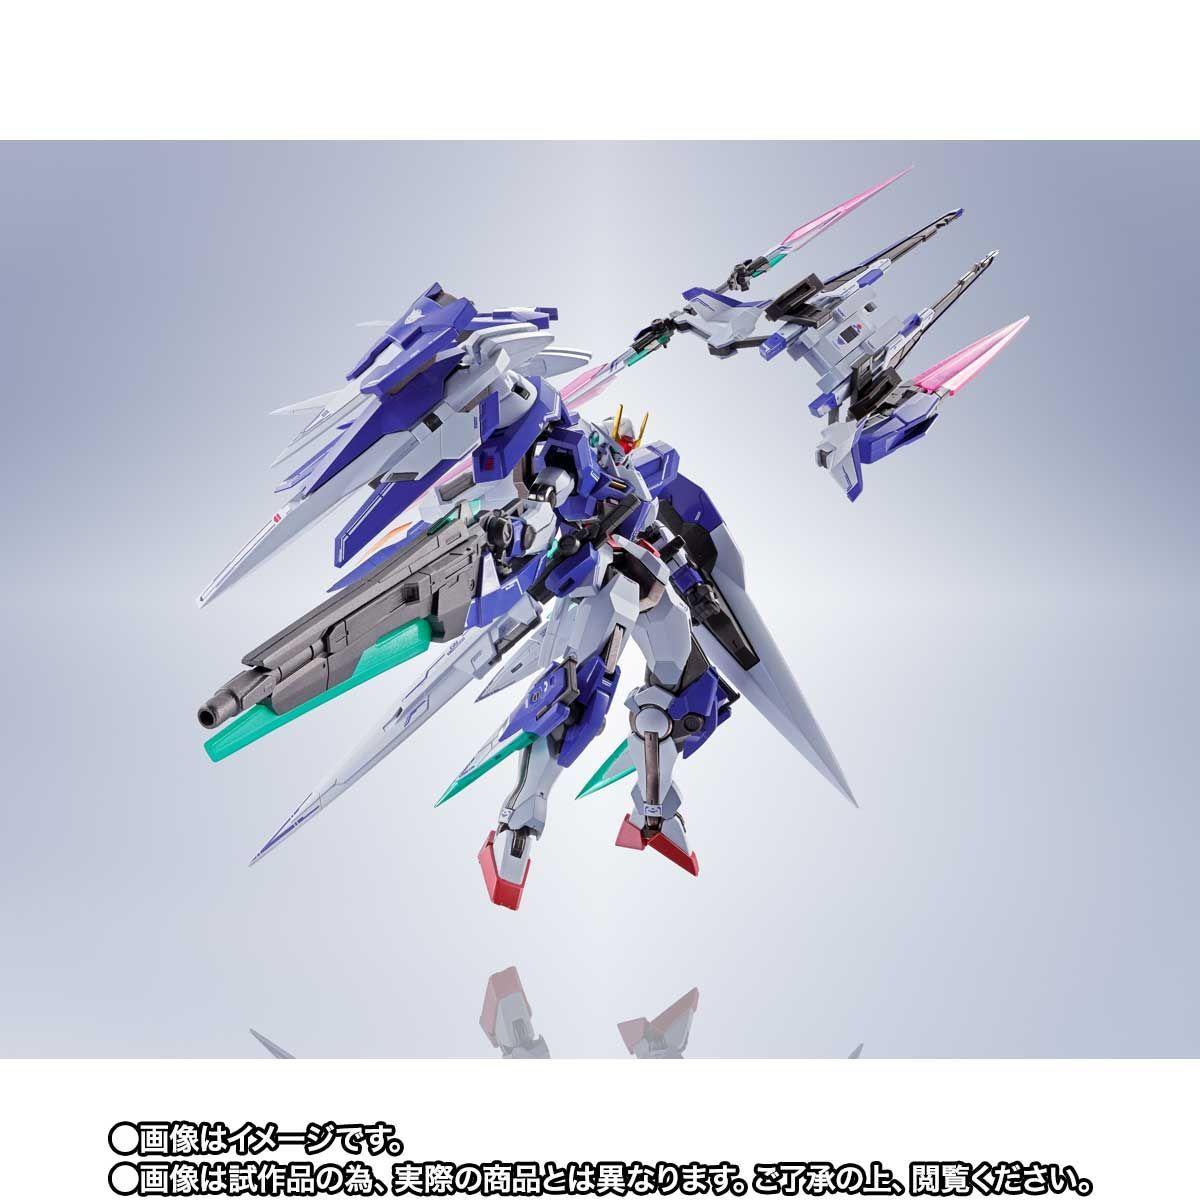 METAL ROBOT魂 ダブルオーザンライザーセブンソード_GNソードIIブラスターセット07